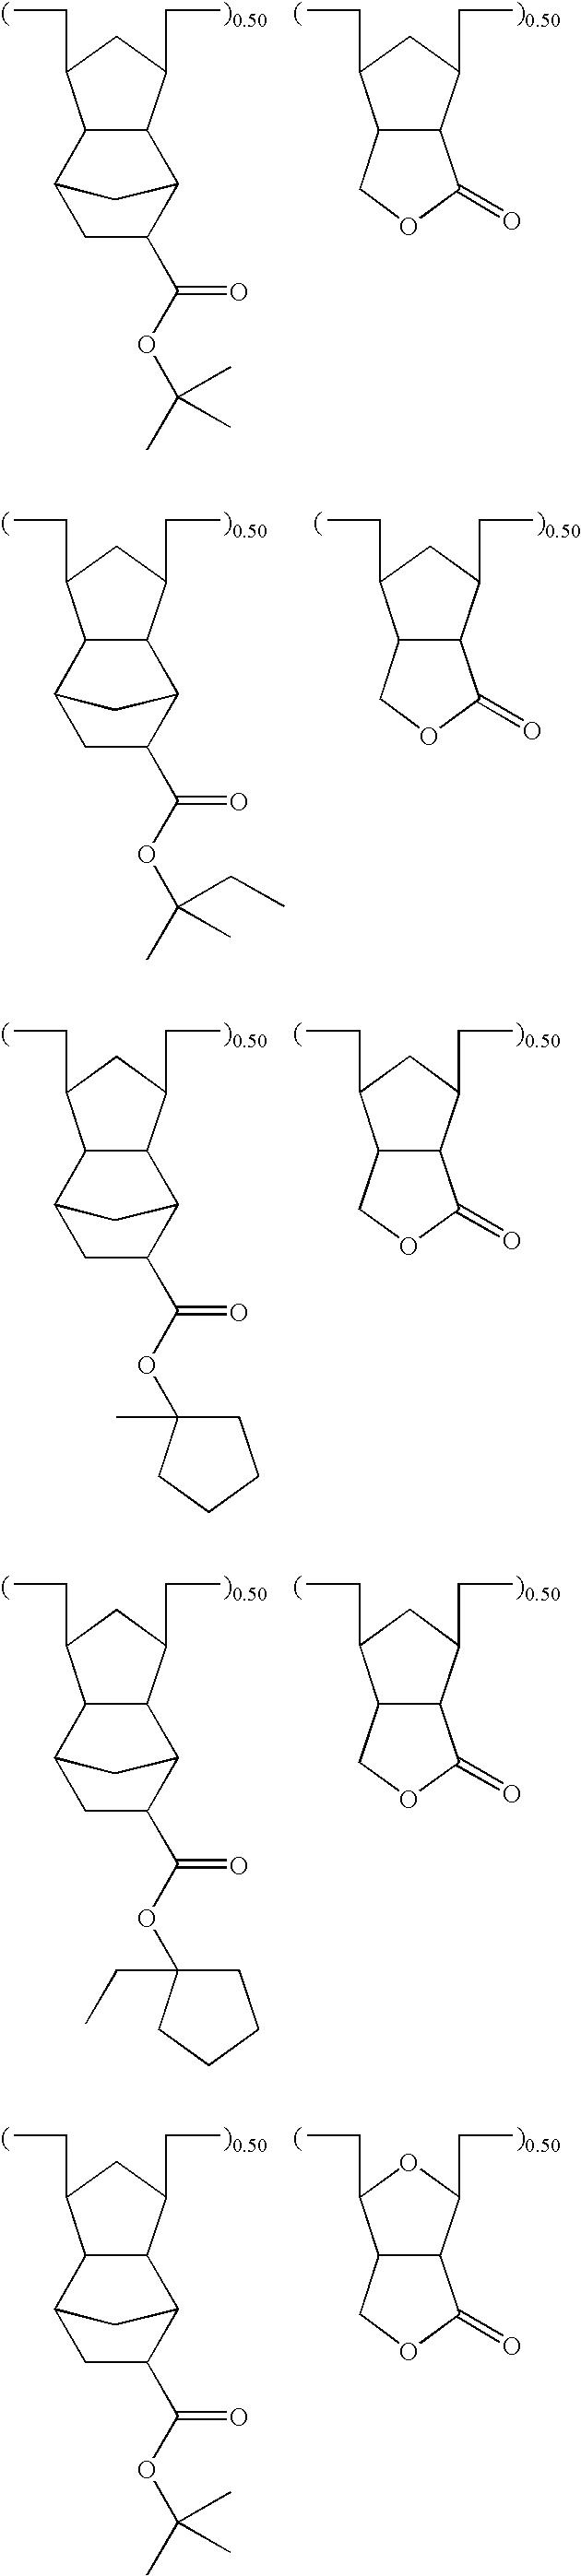 Figure US20080026331A1-20080131-C00065